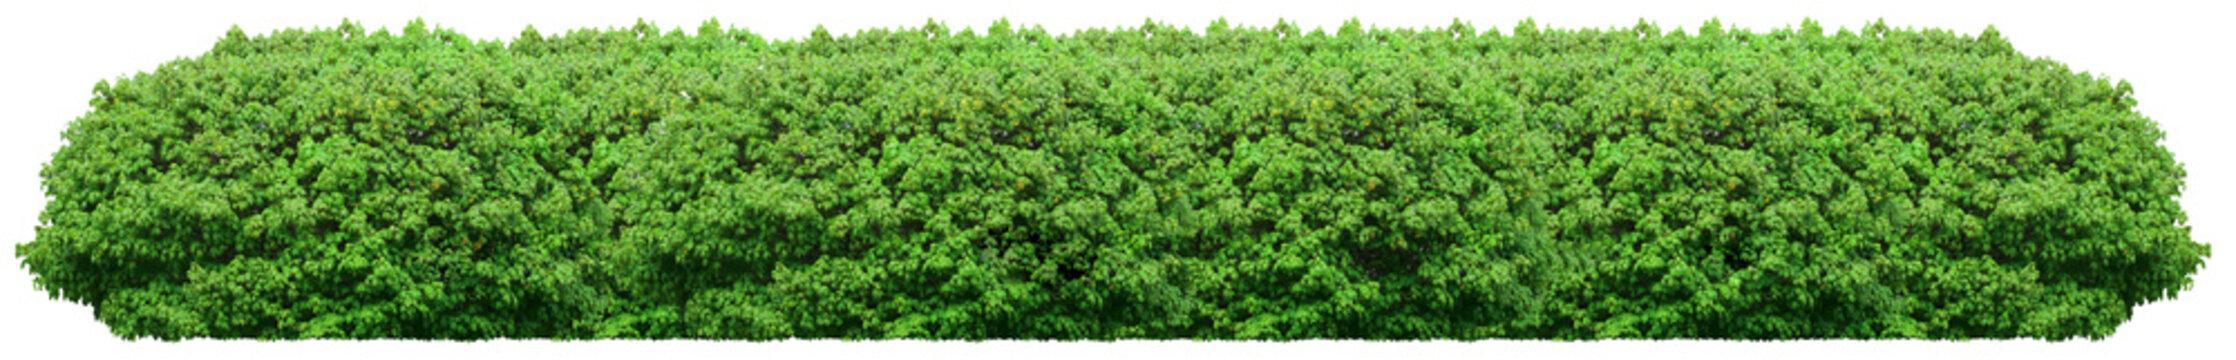 Fresh green bush isolated on white background